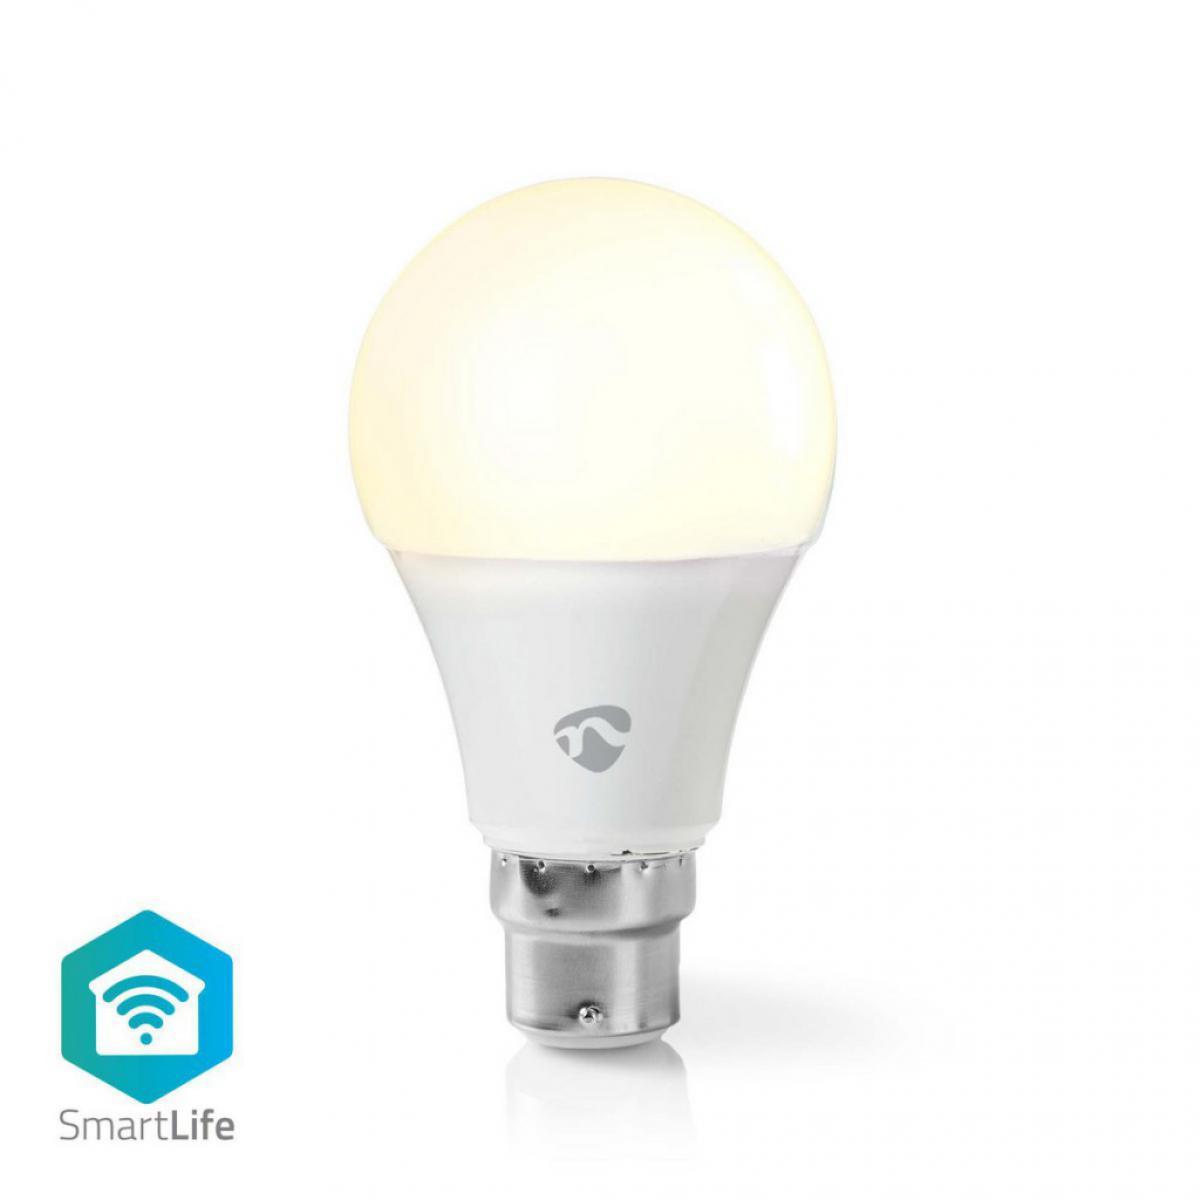 Alpexe Ampoule LED Intelligente Wi-Fi   Blanc Chaud   B22